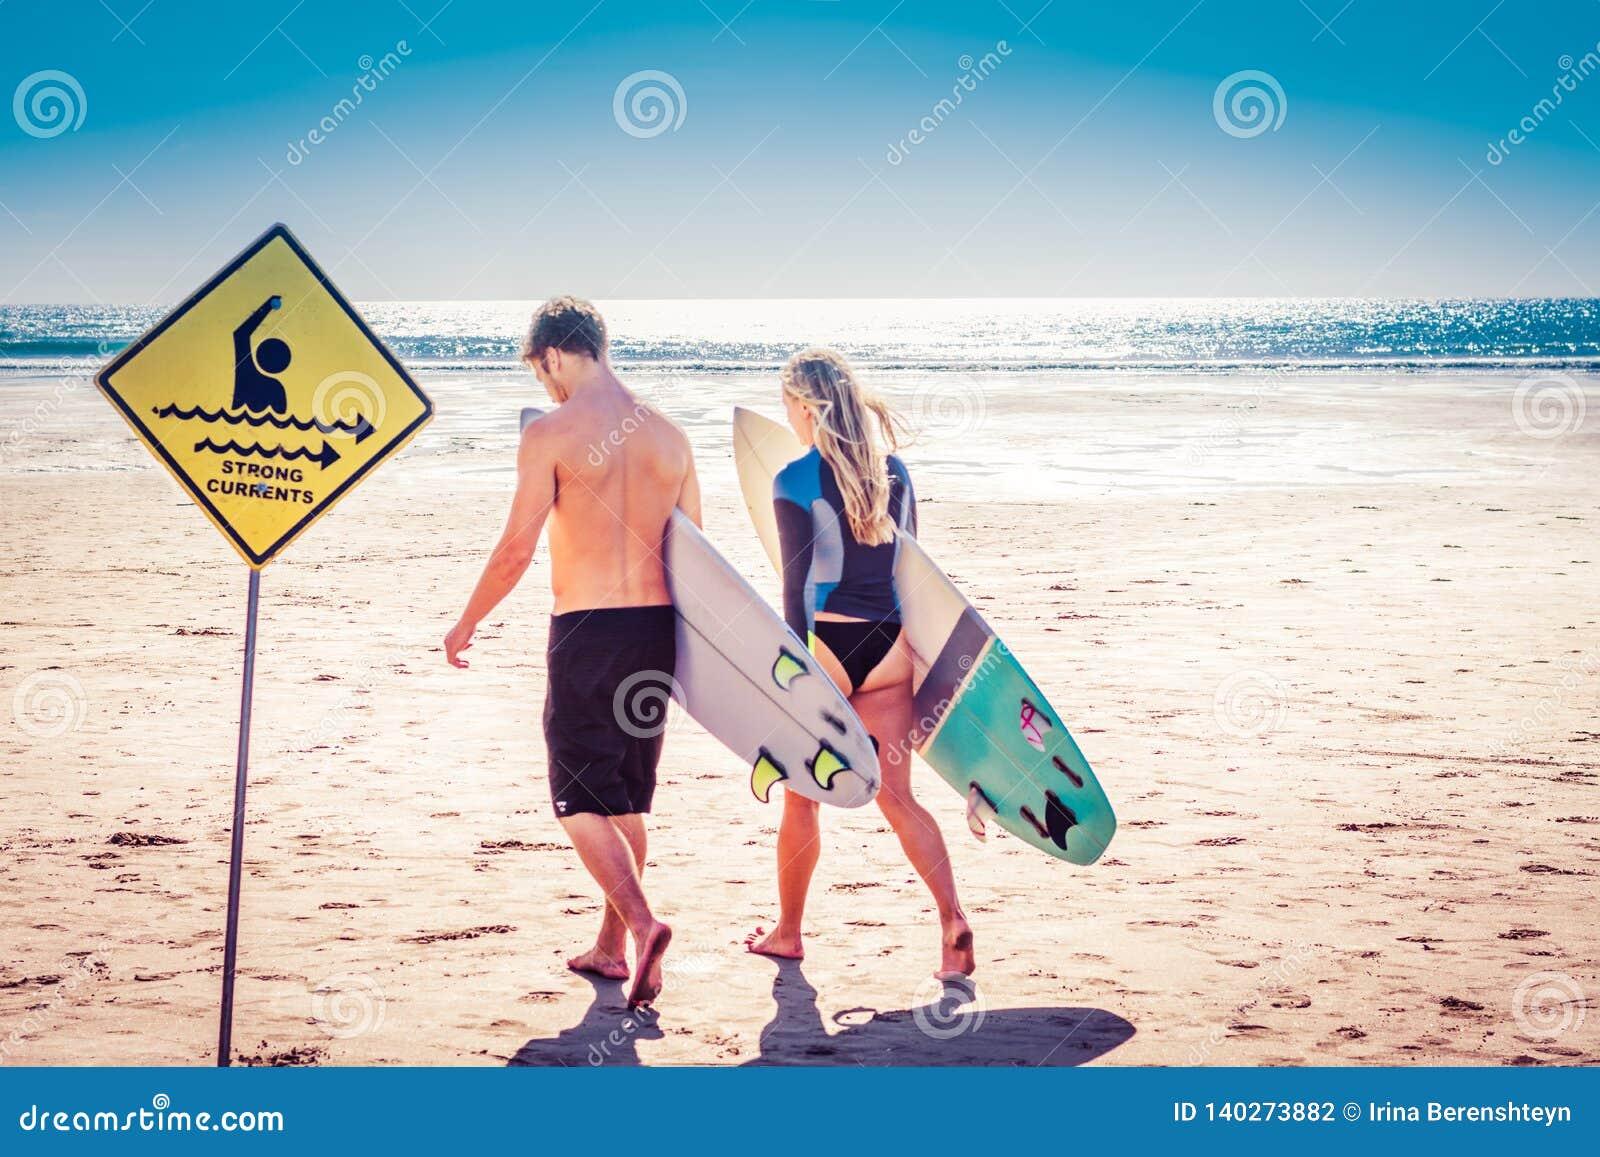 Jeunes couples des surfers marchant avec là des planches de surf à partir du photographe vers la mer après les courants forts